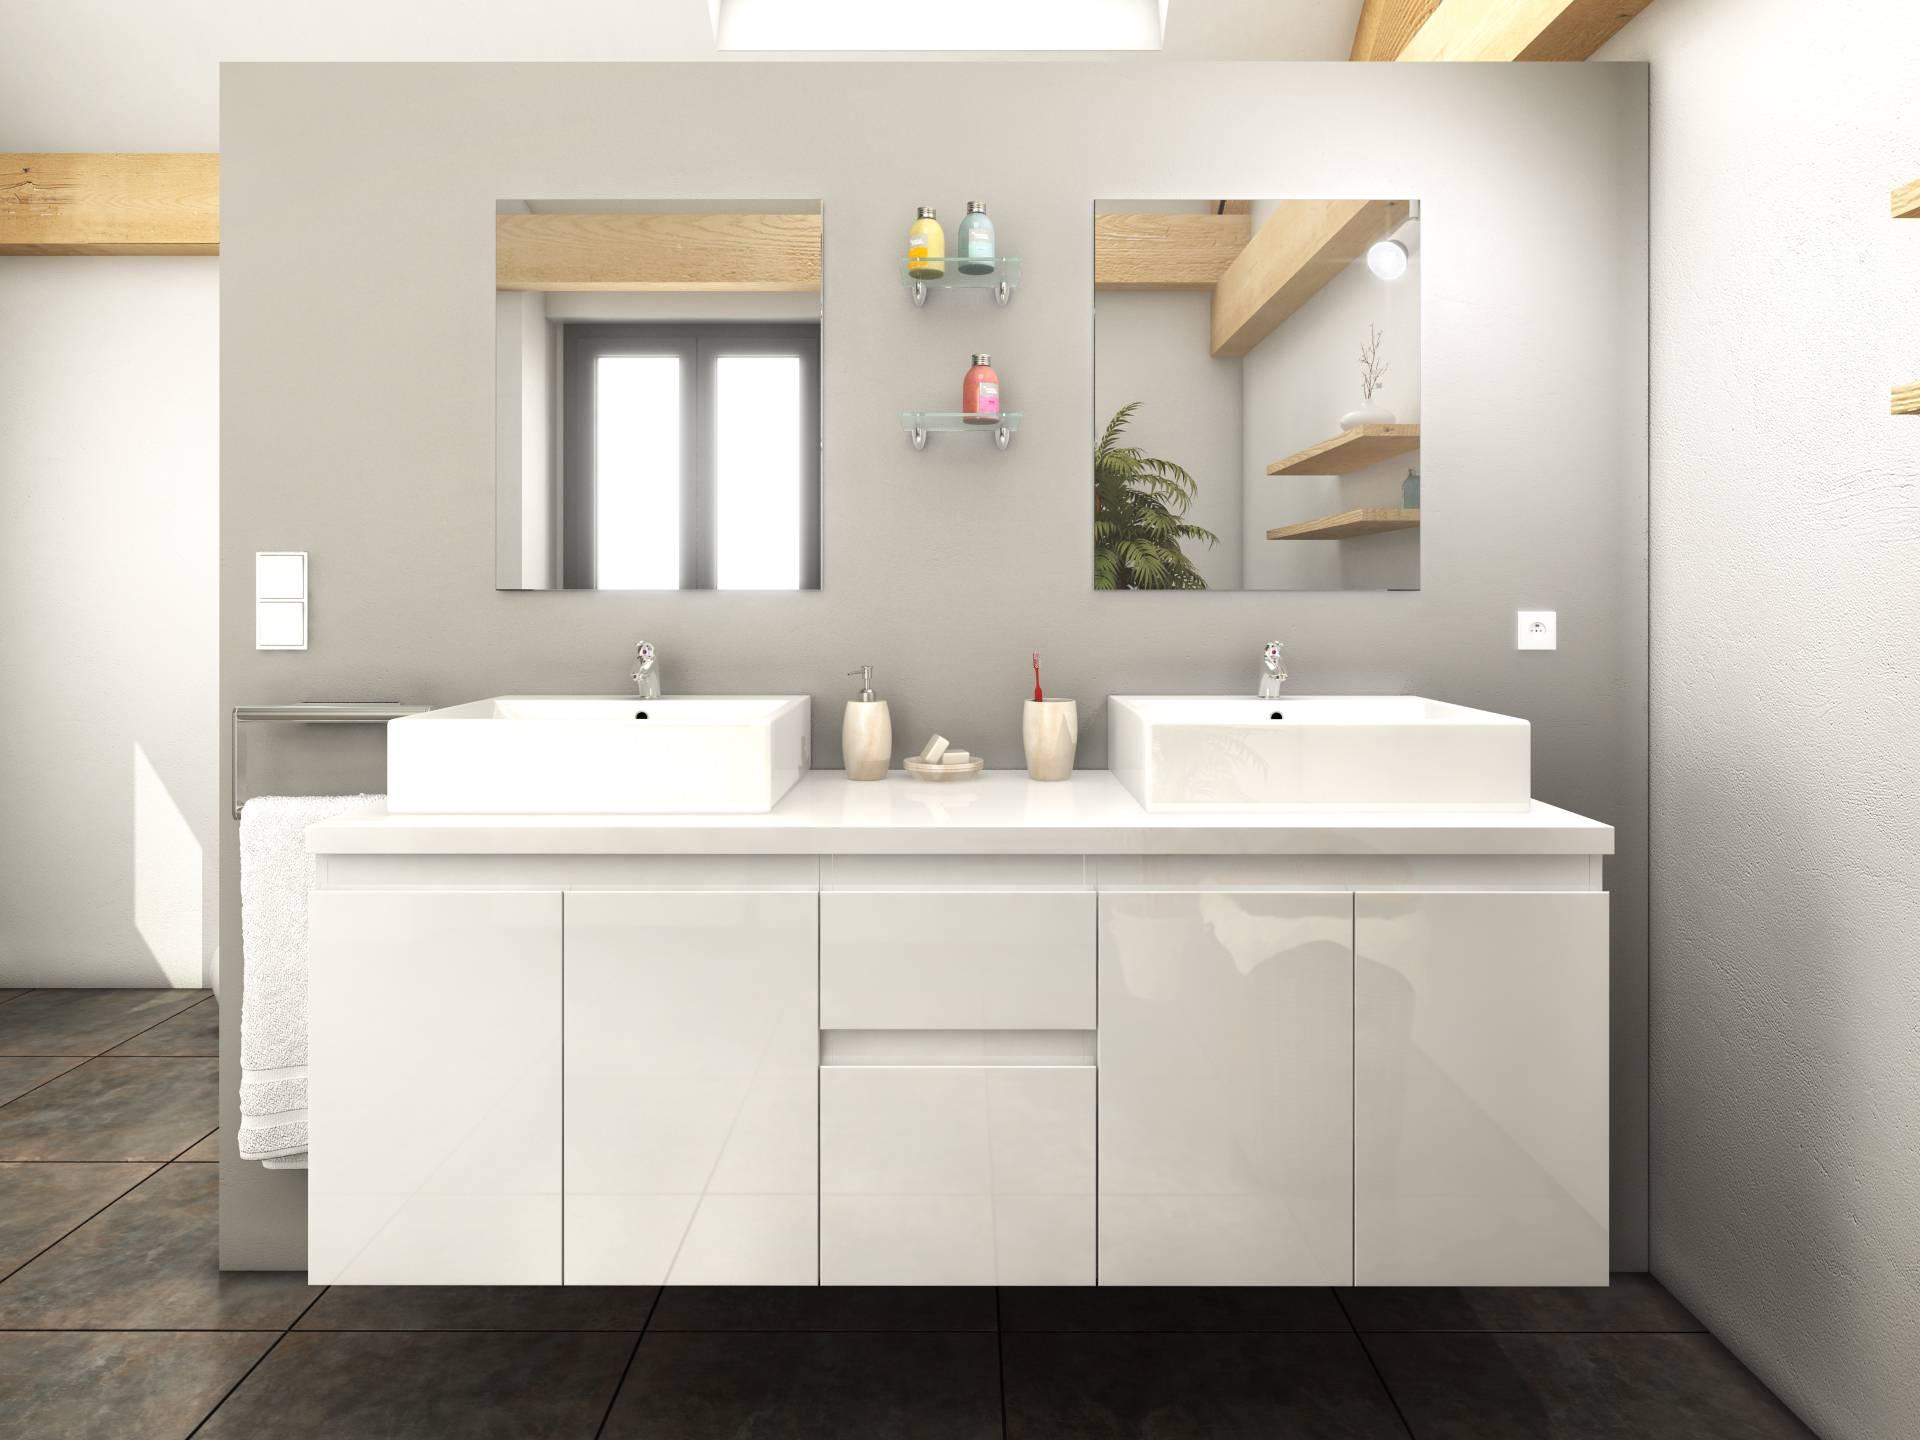 Robinetterie salle de bain noire for Meuble de salle de bain deux portes